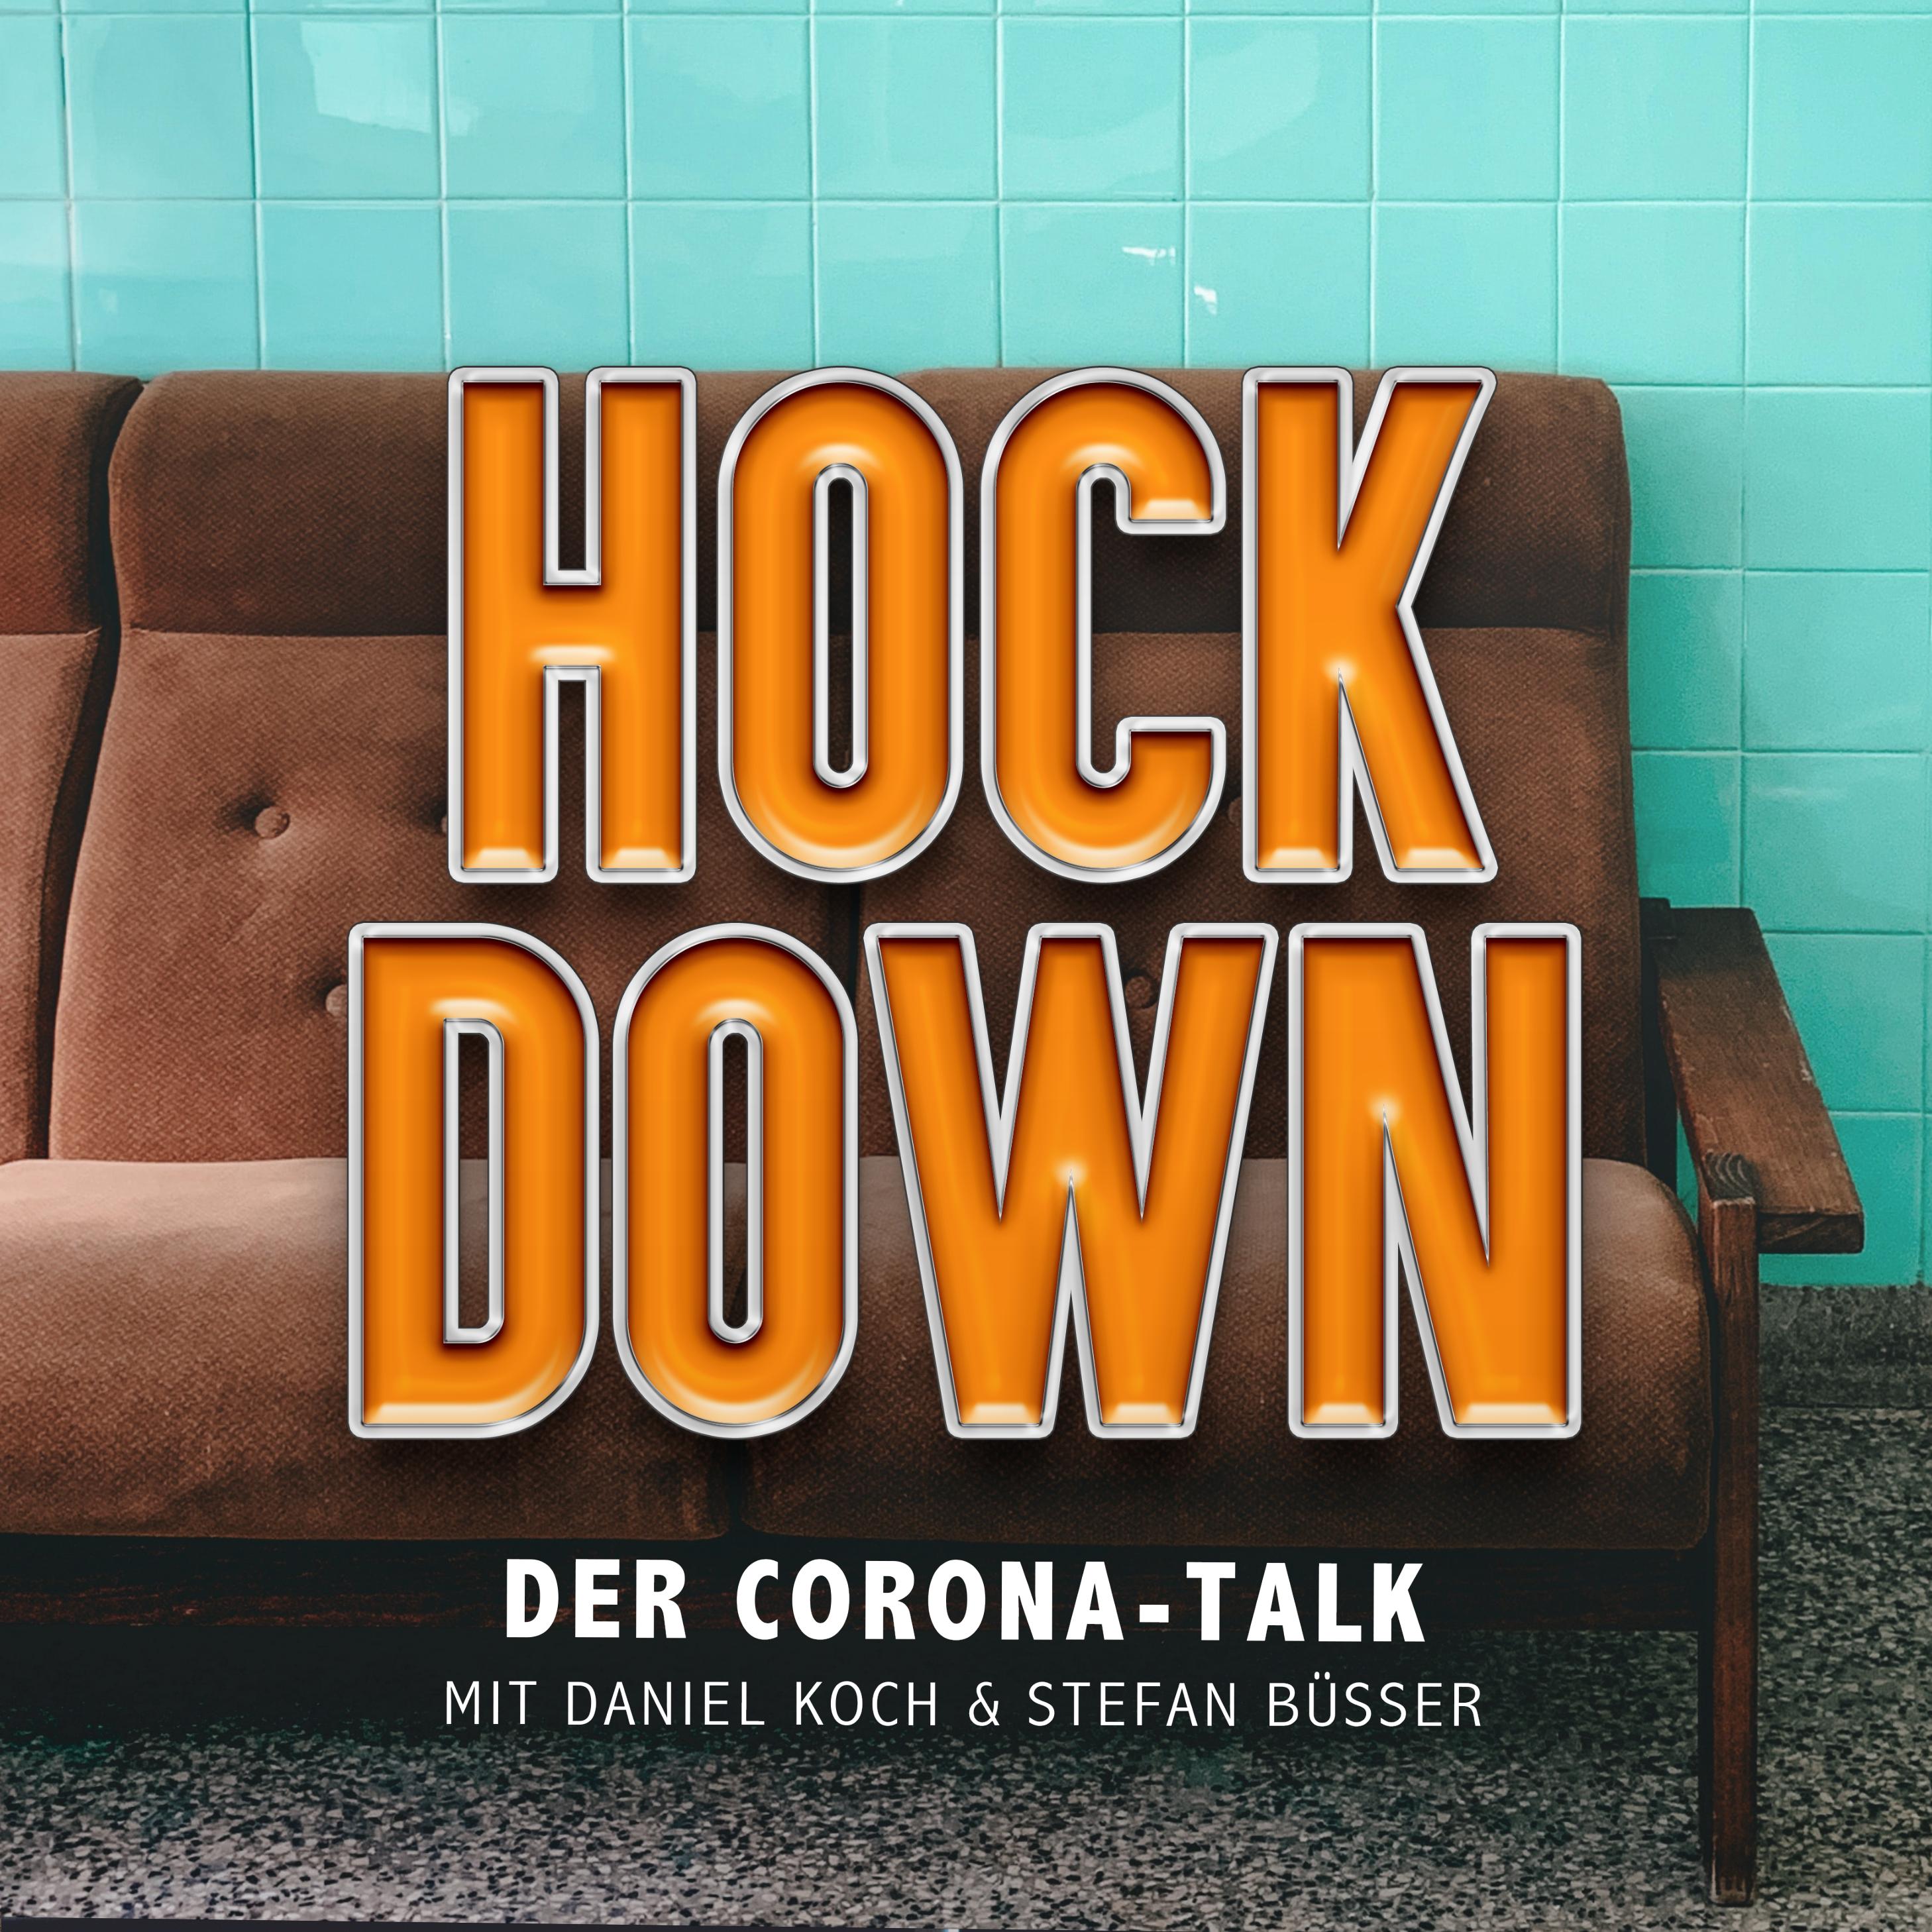 Hockdown show art